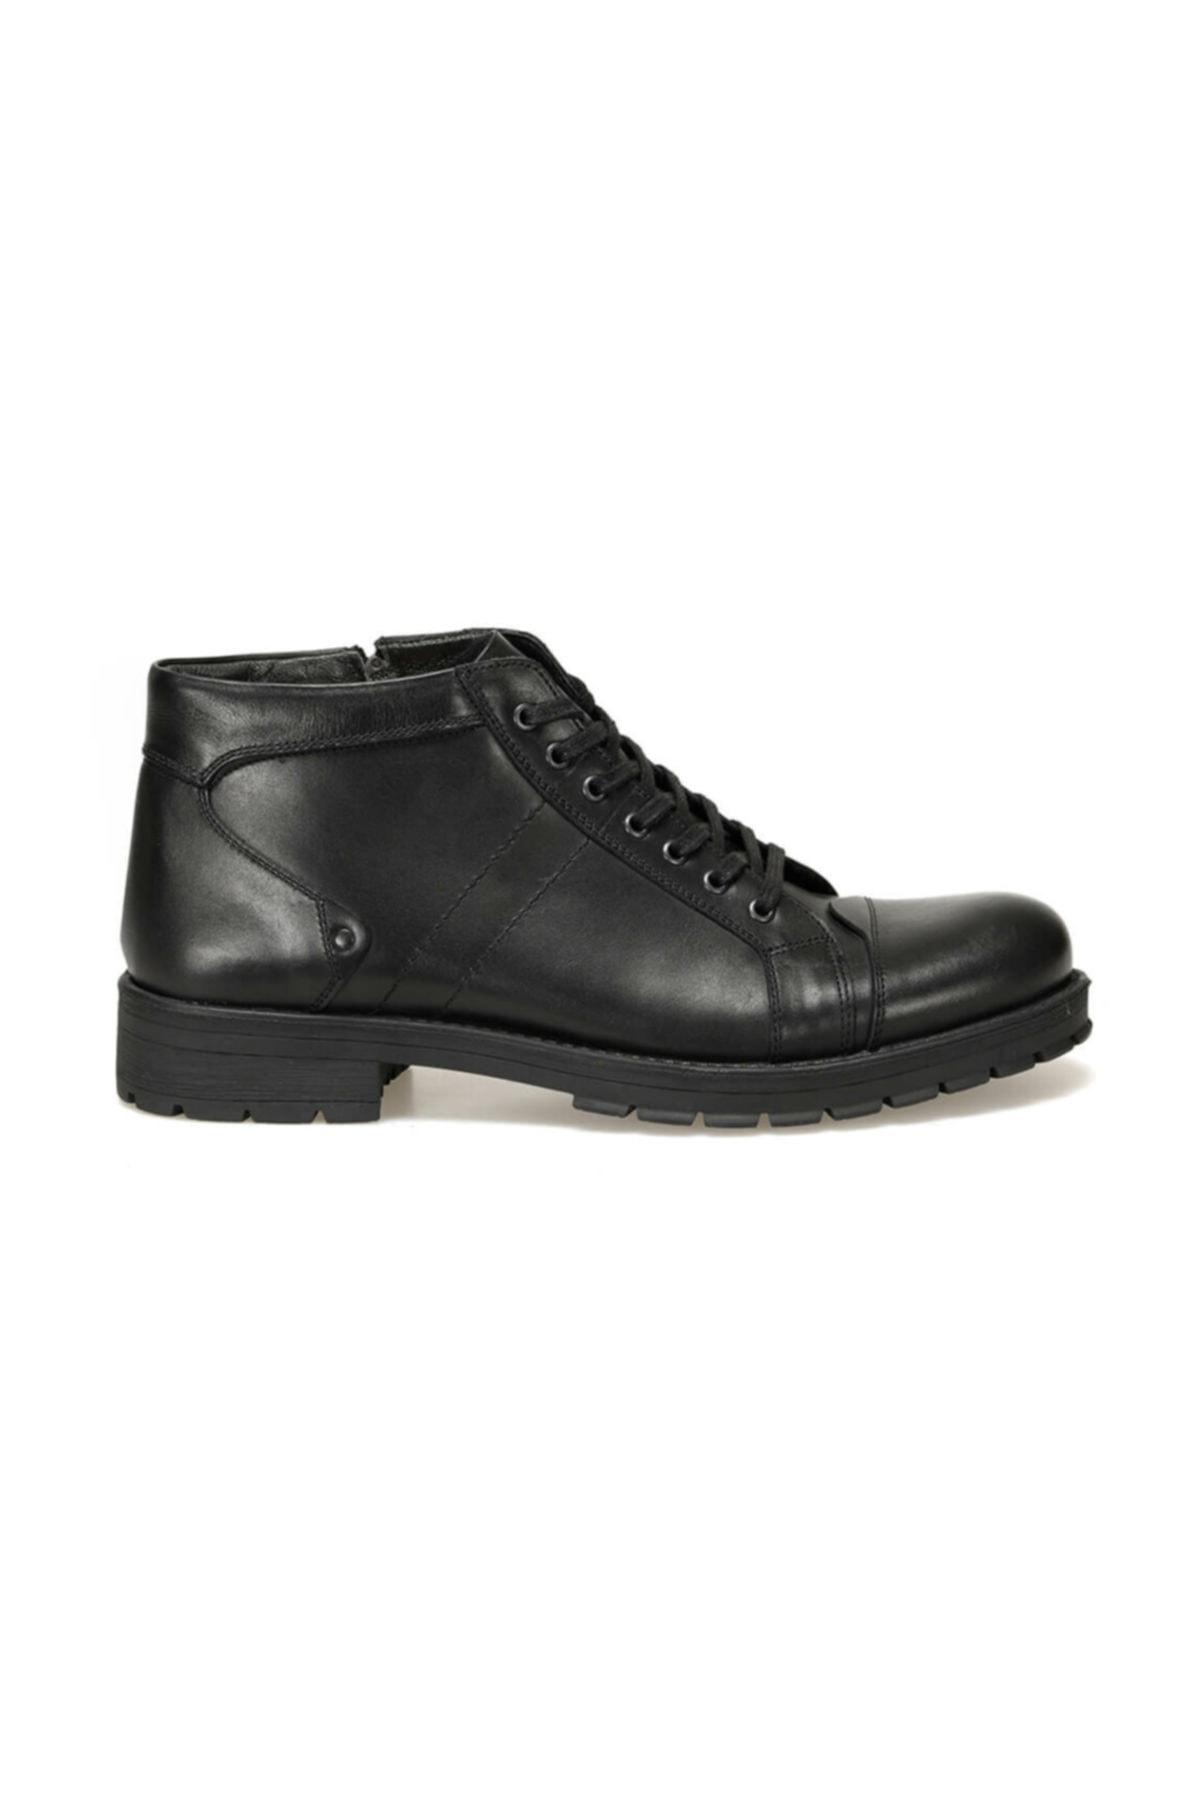 OXIDE 511 C 19 Siyah Erkek Klasik Ayakkabı 100428903 2